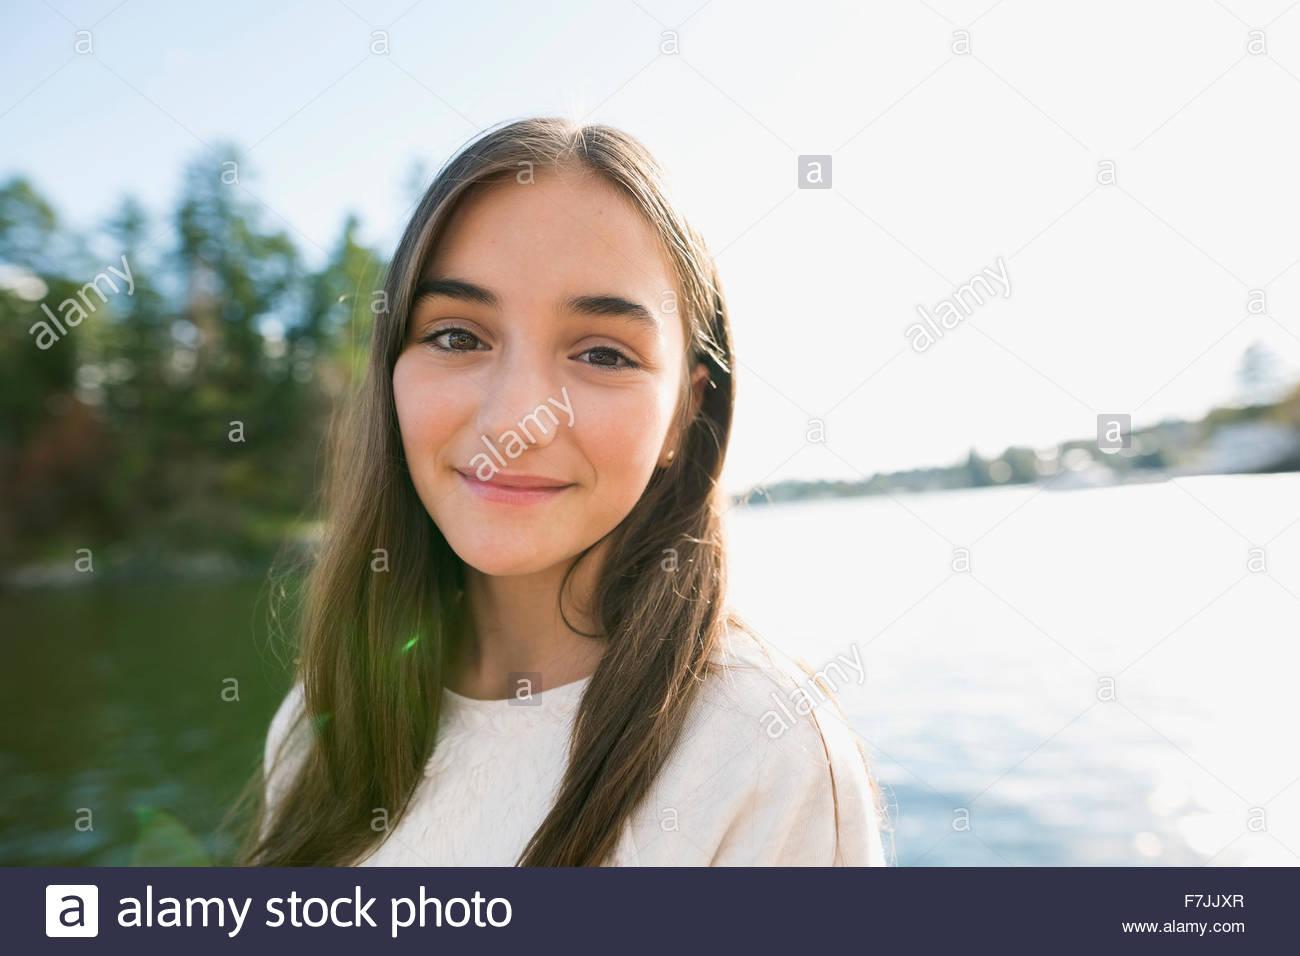 Retrato sonriente niña morena en lakeside Imagen De Stock